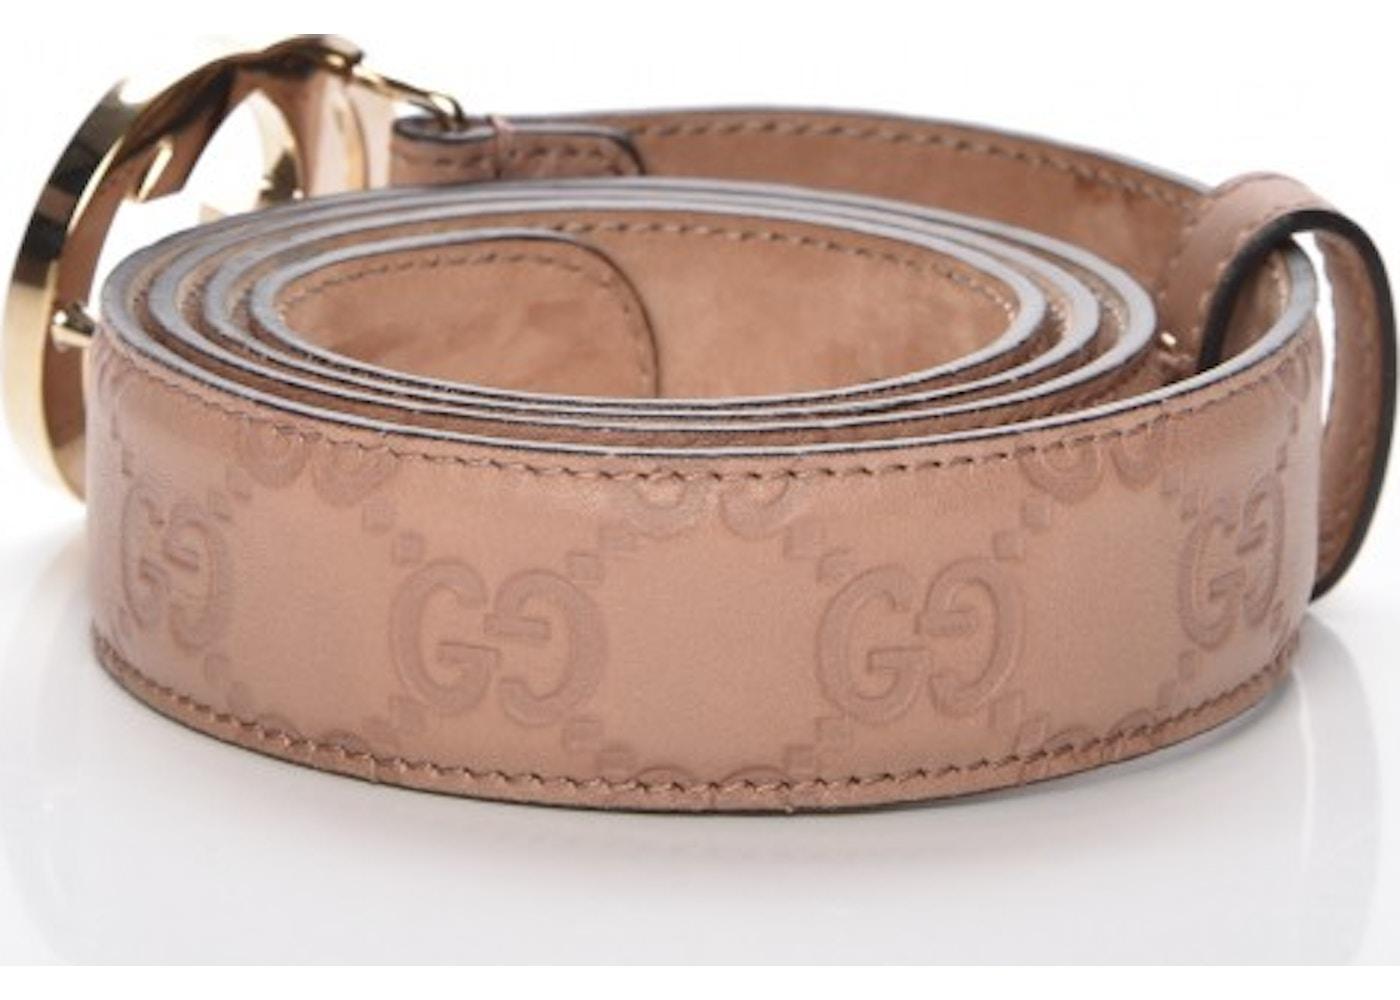 3c4e8f374 Gucci Interlocking G Belt 90 Monogram Guccissima 36 Winter Rose